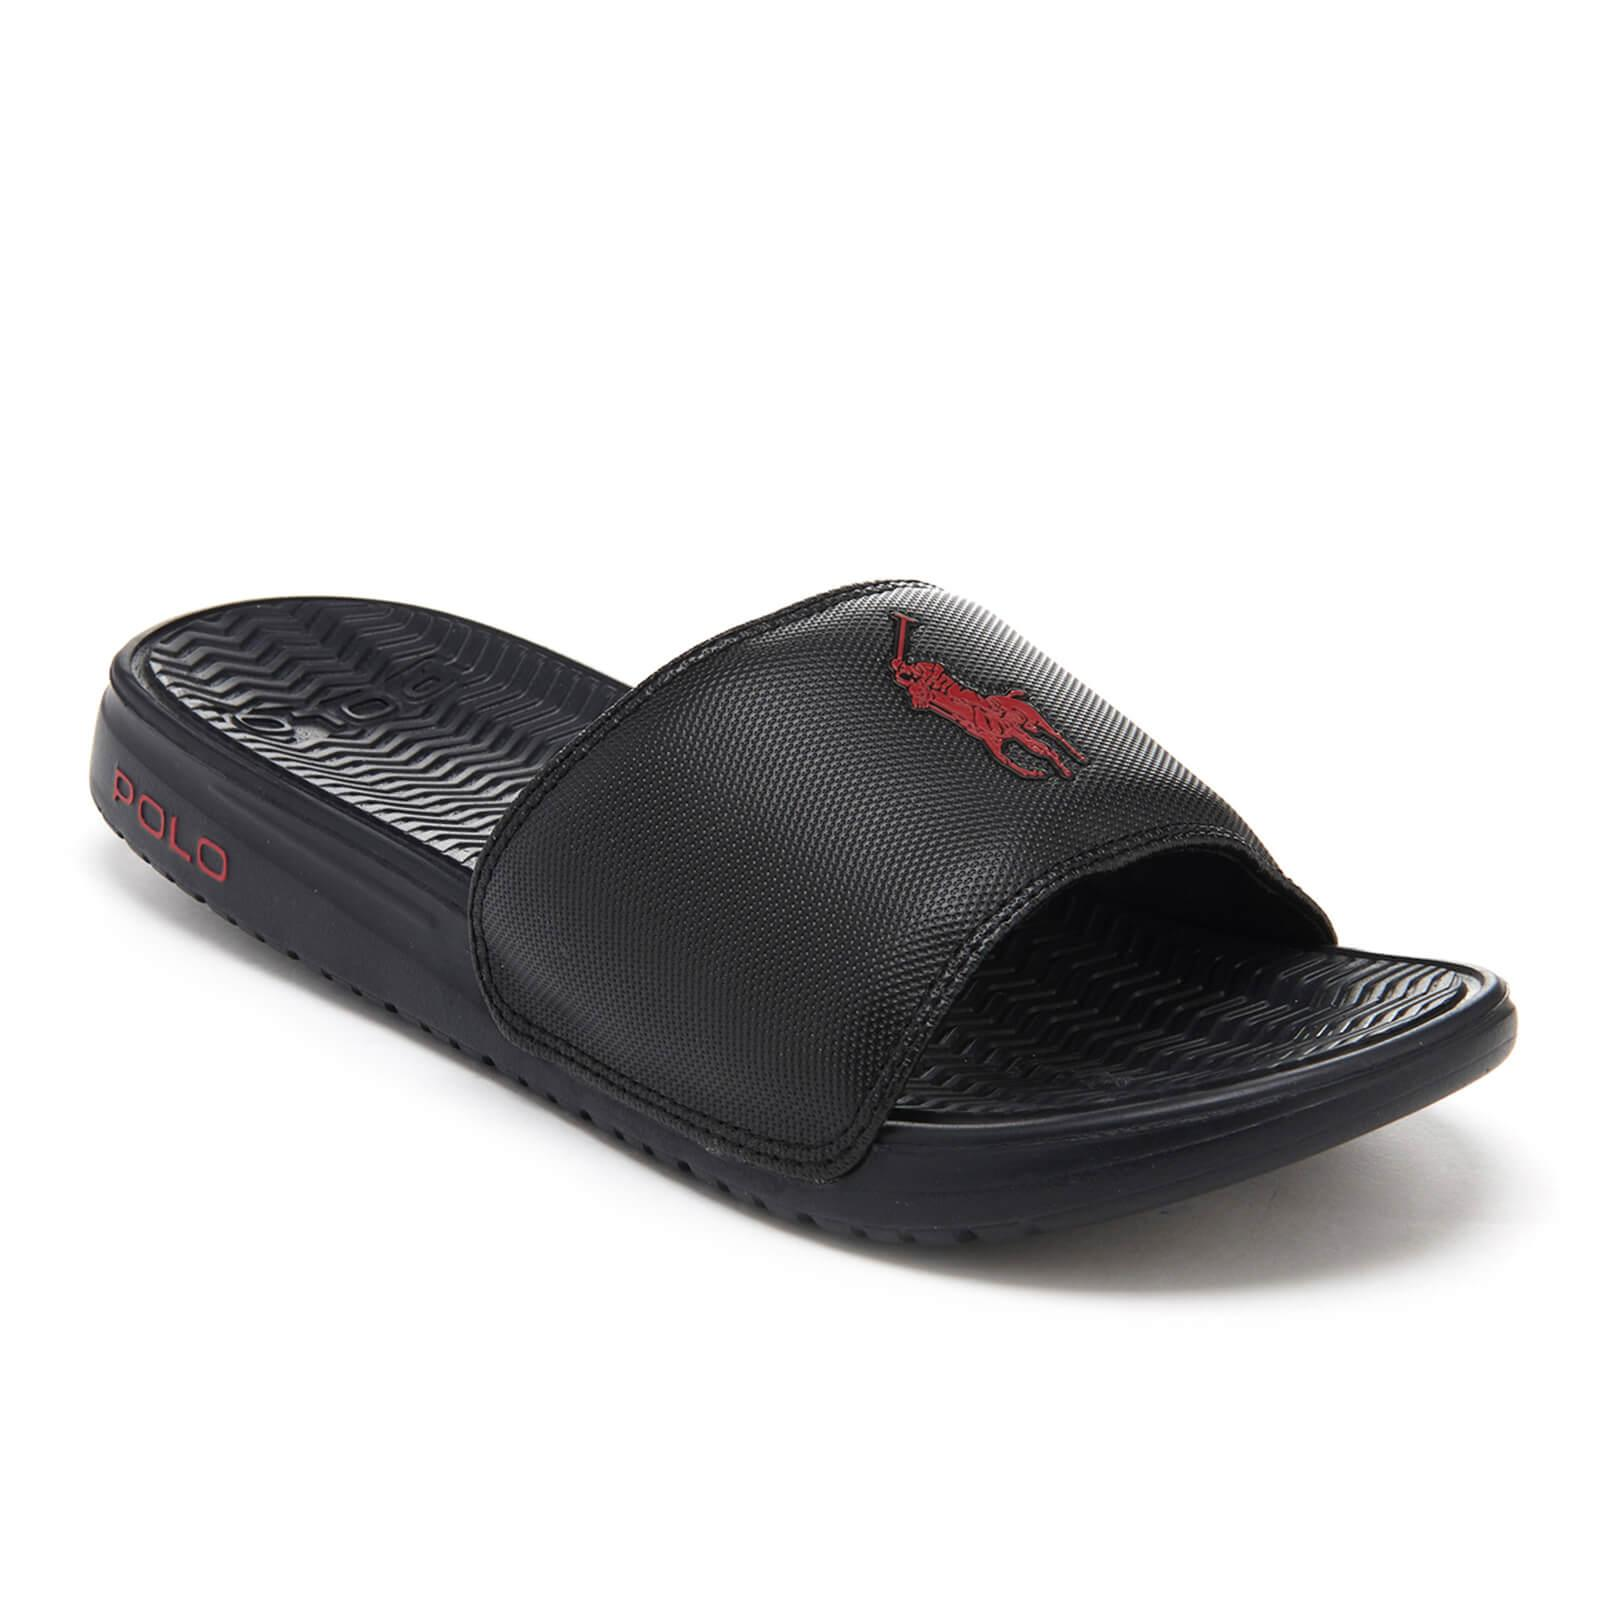 c007e0704a60 Polo Ralph Lauren - Black Rodwell Slide Sandals for Men - Lyst. View  fullscreen